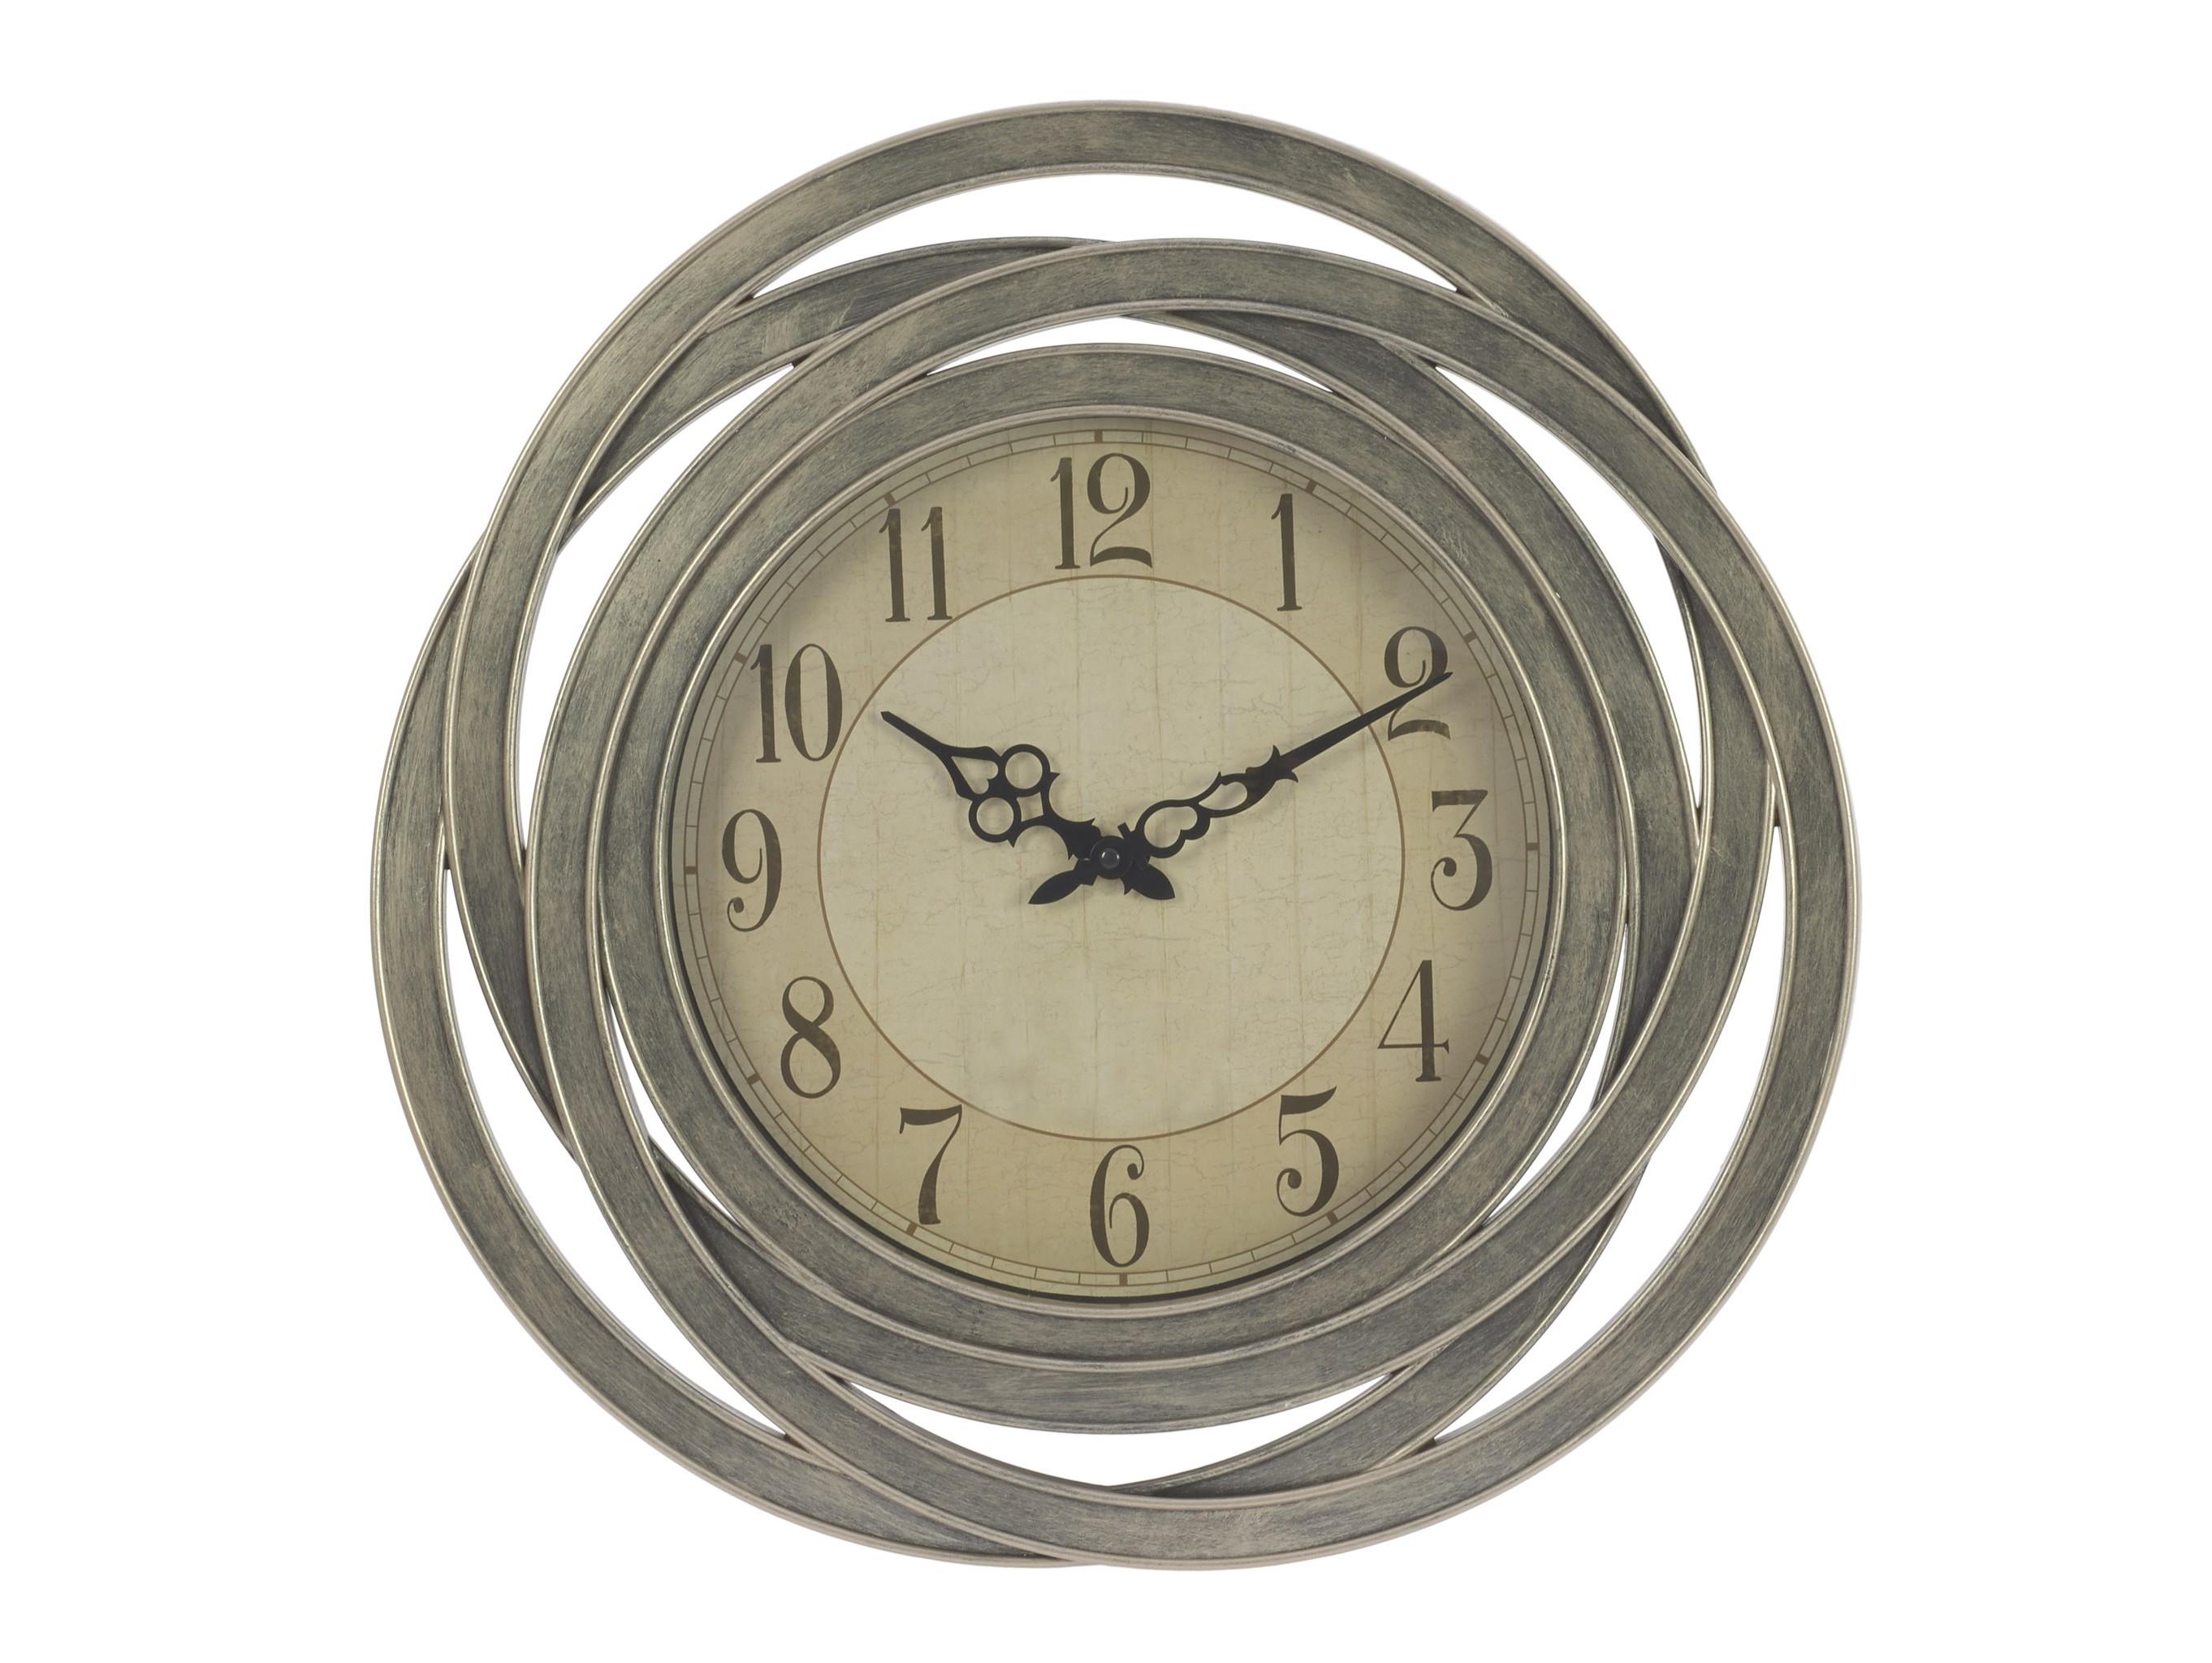 Настенные часы DouniaНастенные часы<br>Кварцевый механизм<br><br>Material: Пластик<br>Глубина см: 6.0